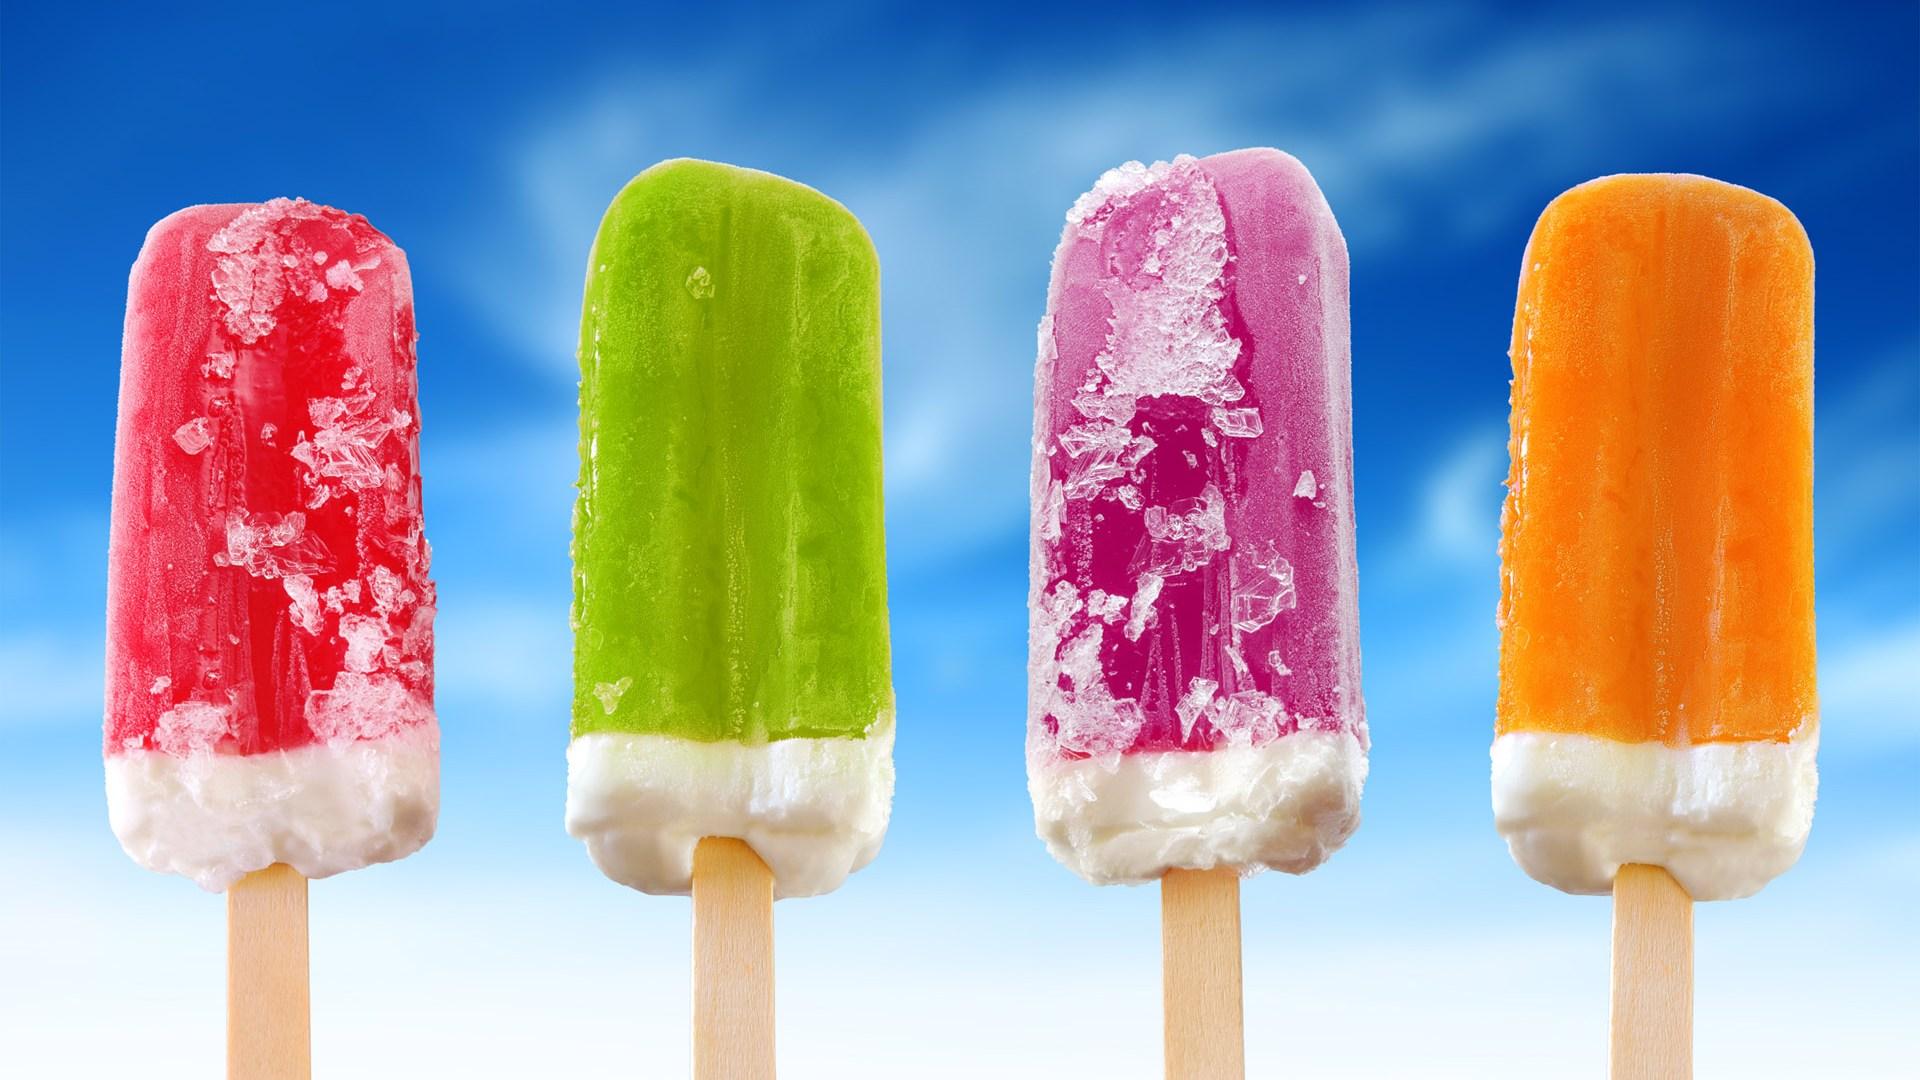 радужное мороженное, радуга, скачать фото, обои, небо, для рабочего стола